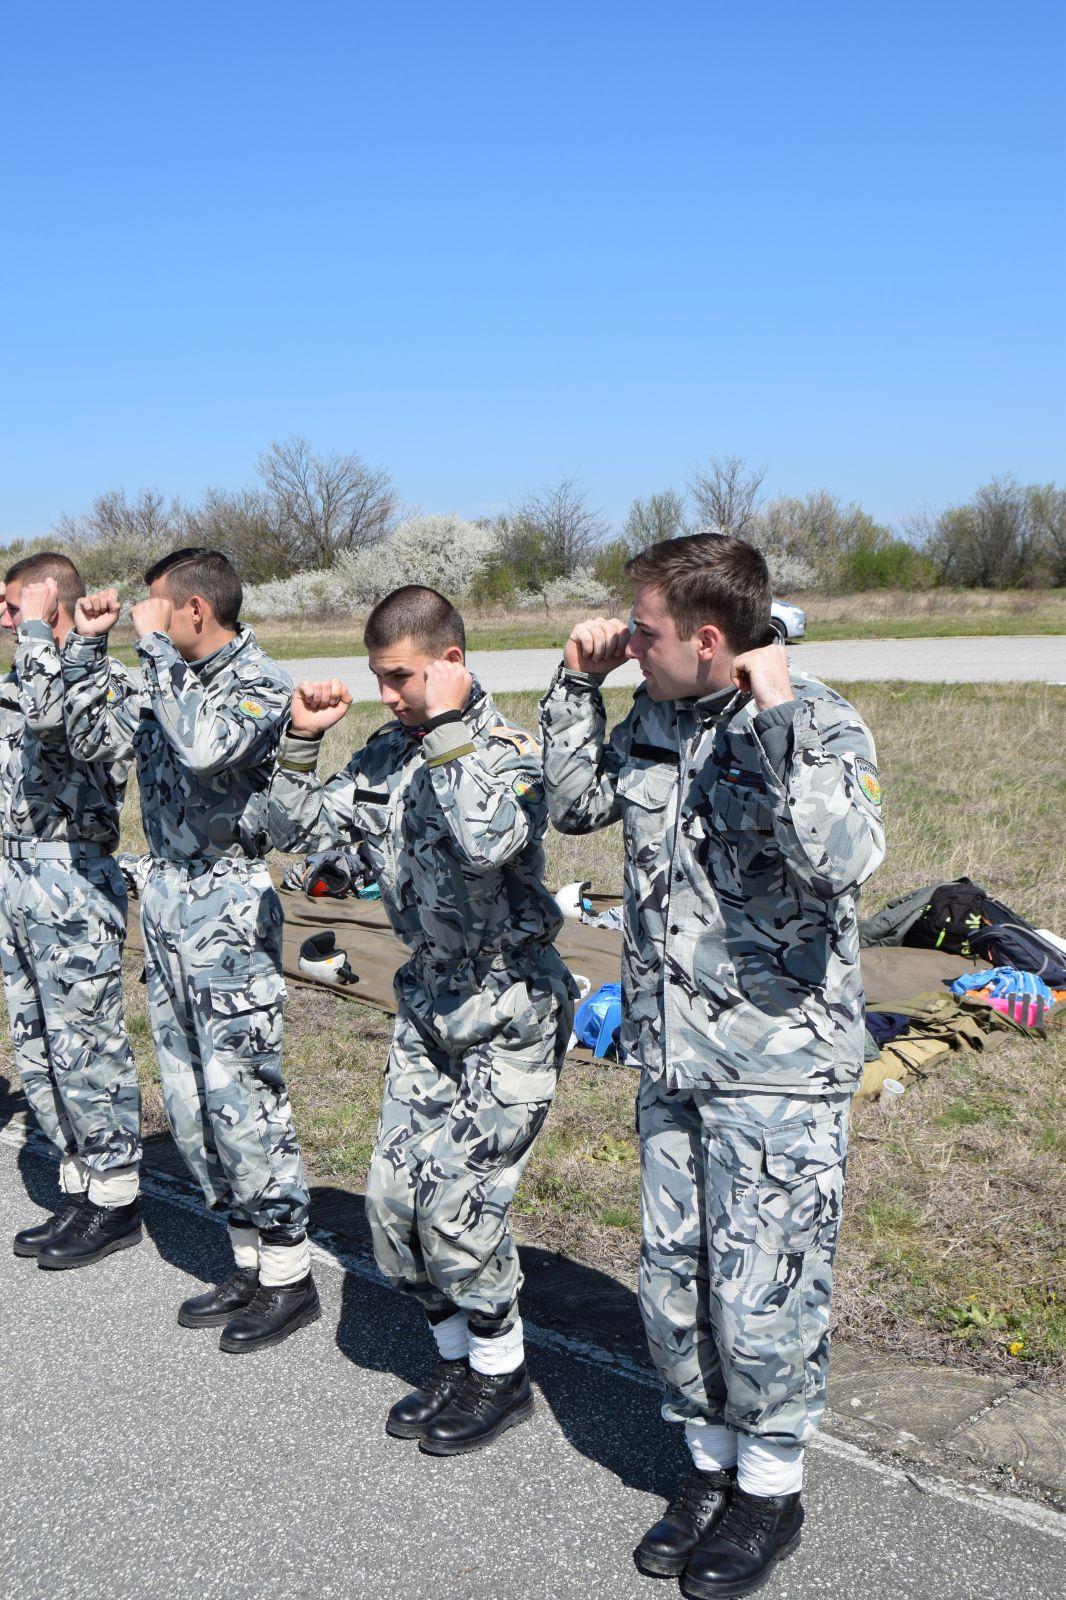 Първи парашутни скокове за първокурсниците от Военновъздушното училище в Долна Митрополия - Част 2 Скоковете (ЕКСКЛУЗИВНА ГАЛЕРИЯ)